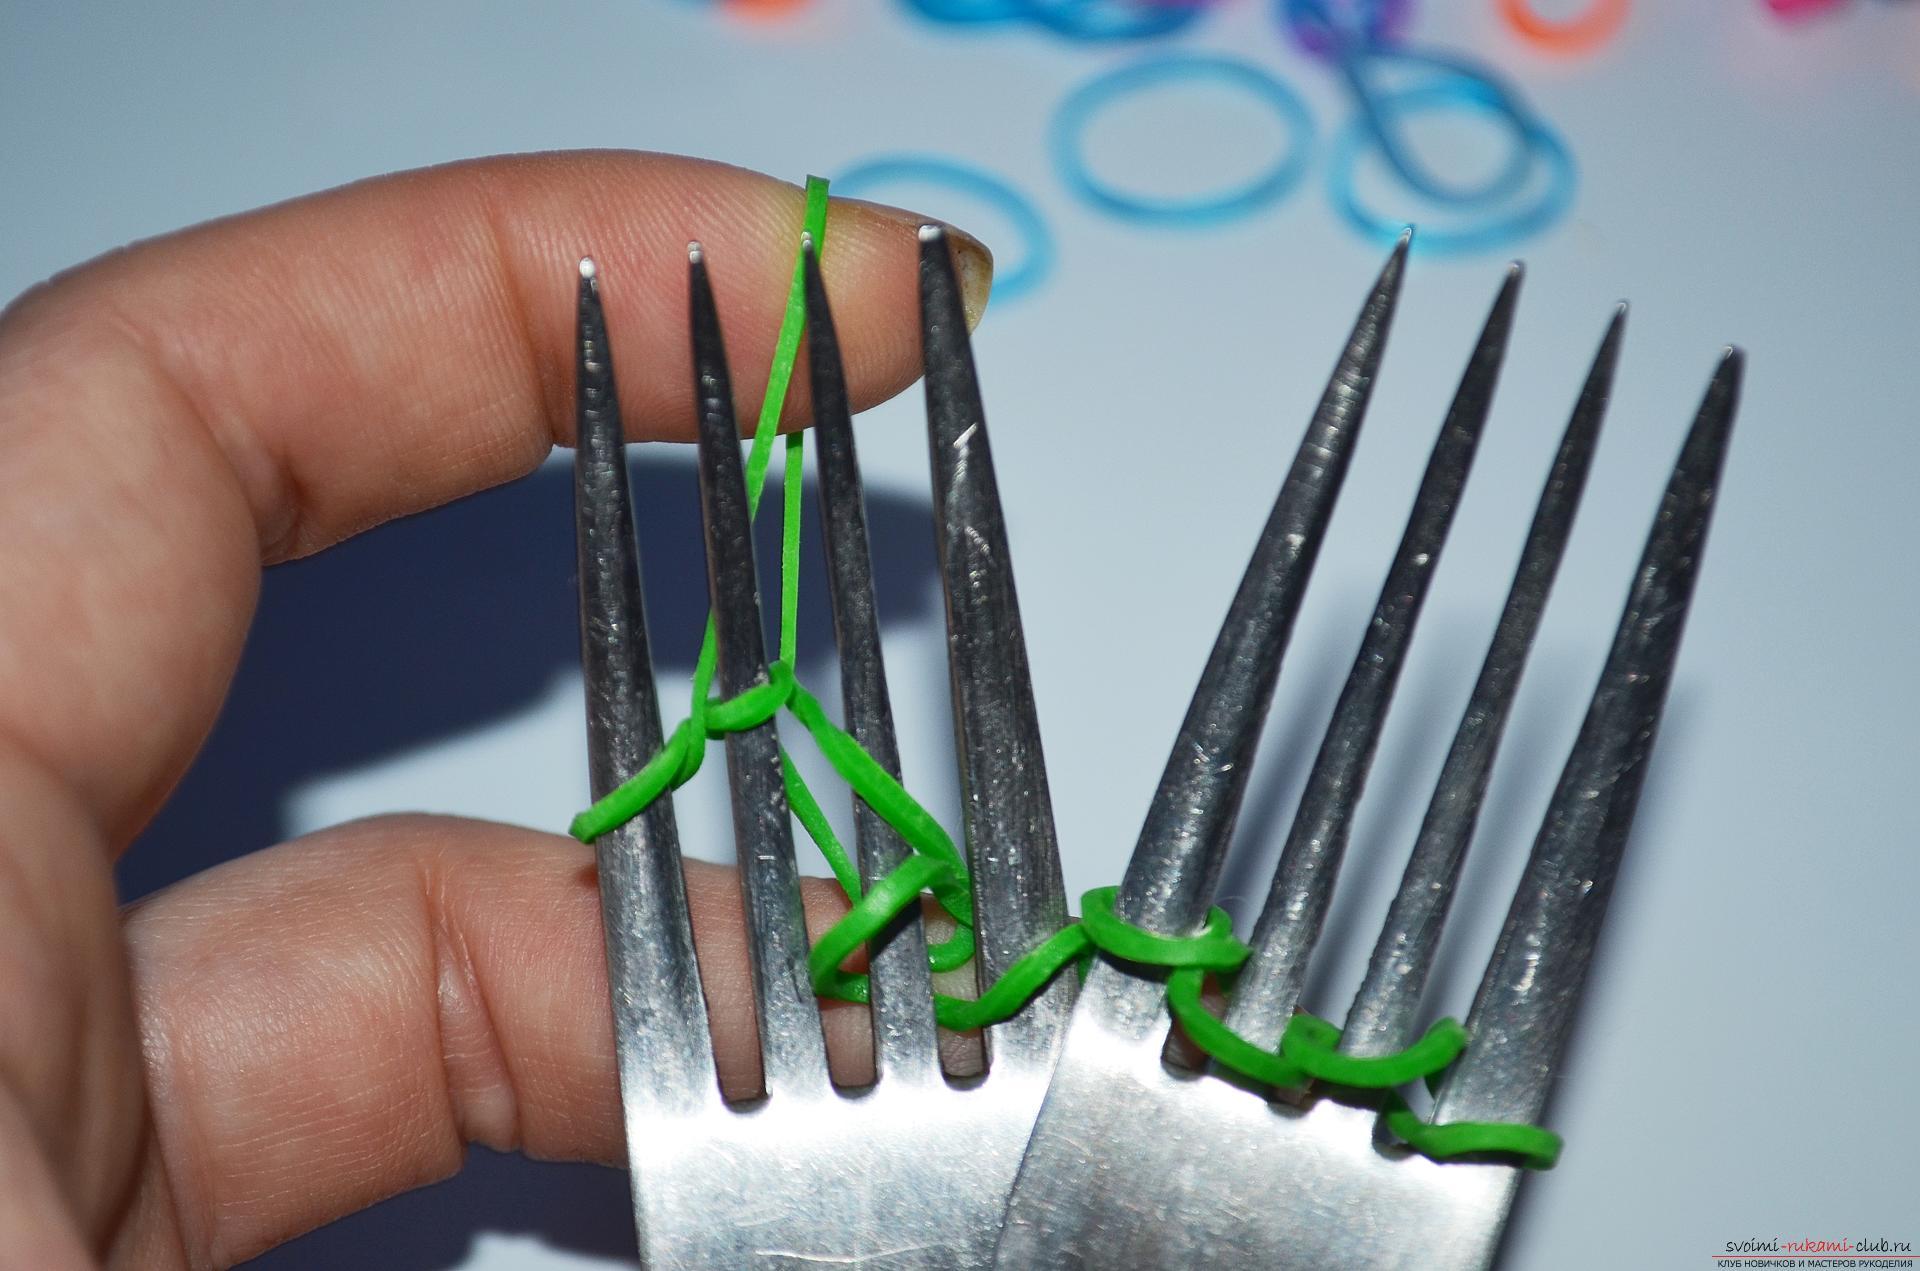 Как сплести широкий браслет на вилках «Радуга»? Описание техники плетения, пошаговое руководство и фотографии